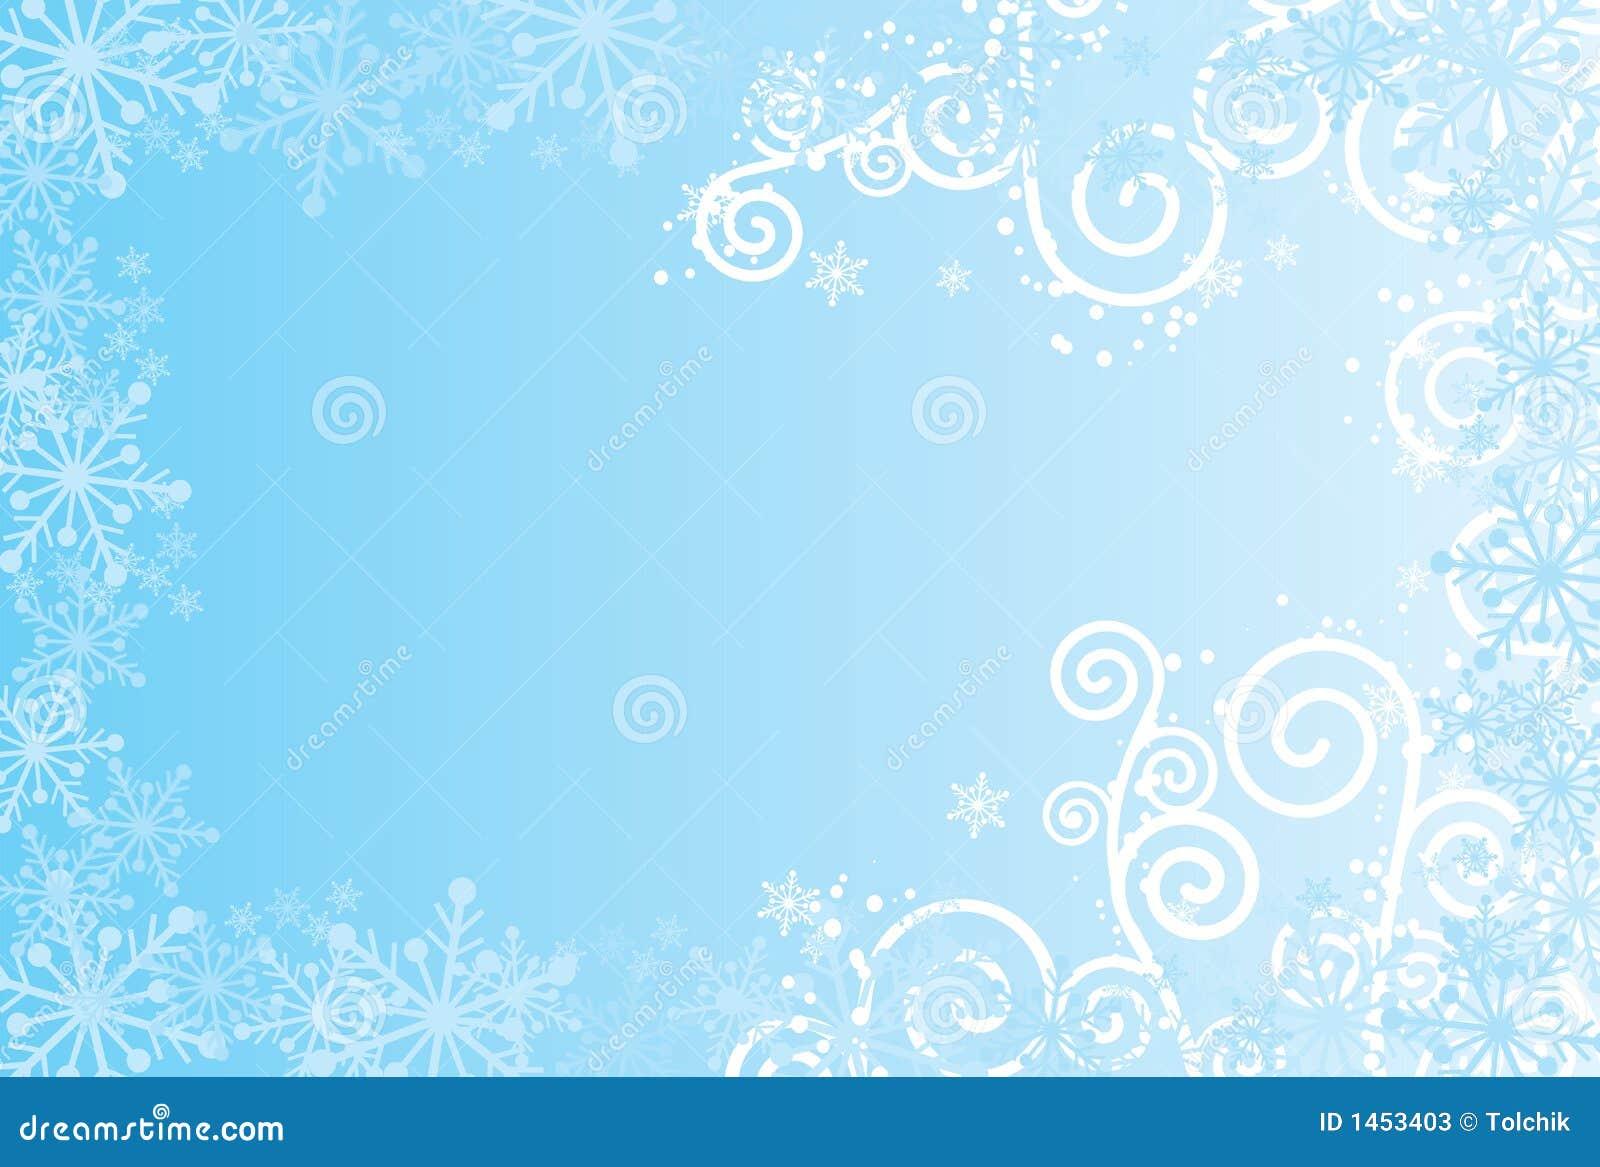 De Achtergrond Van Sneeuwvlokken, Vector Vector ...